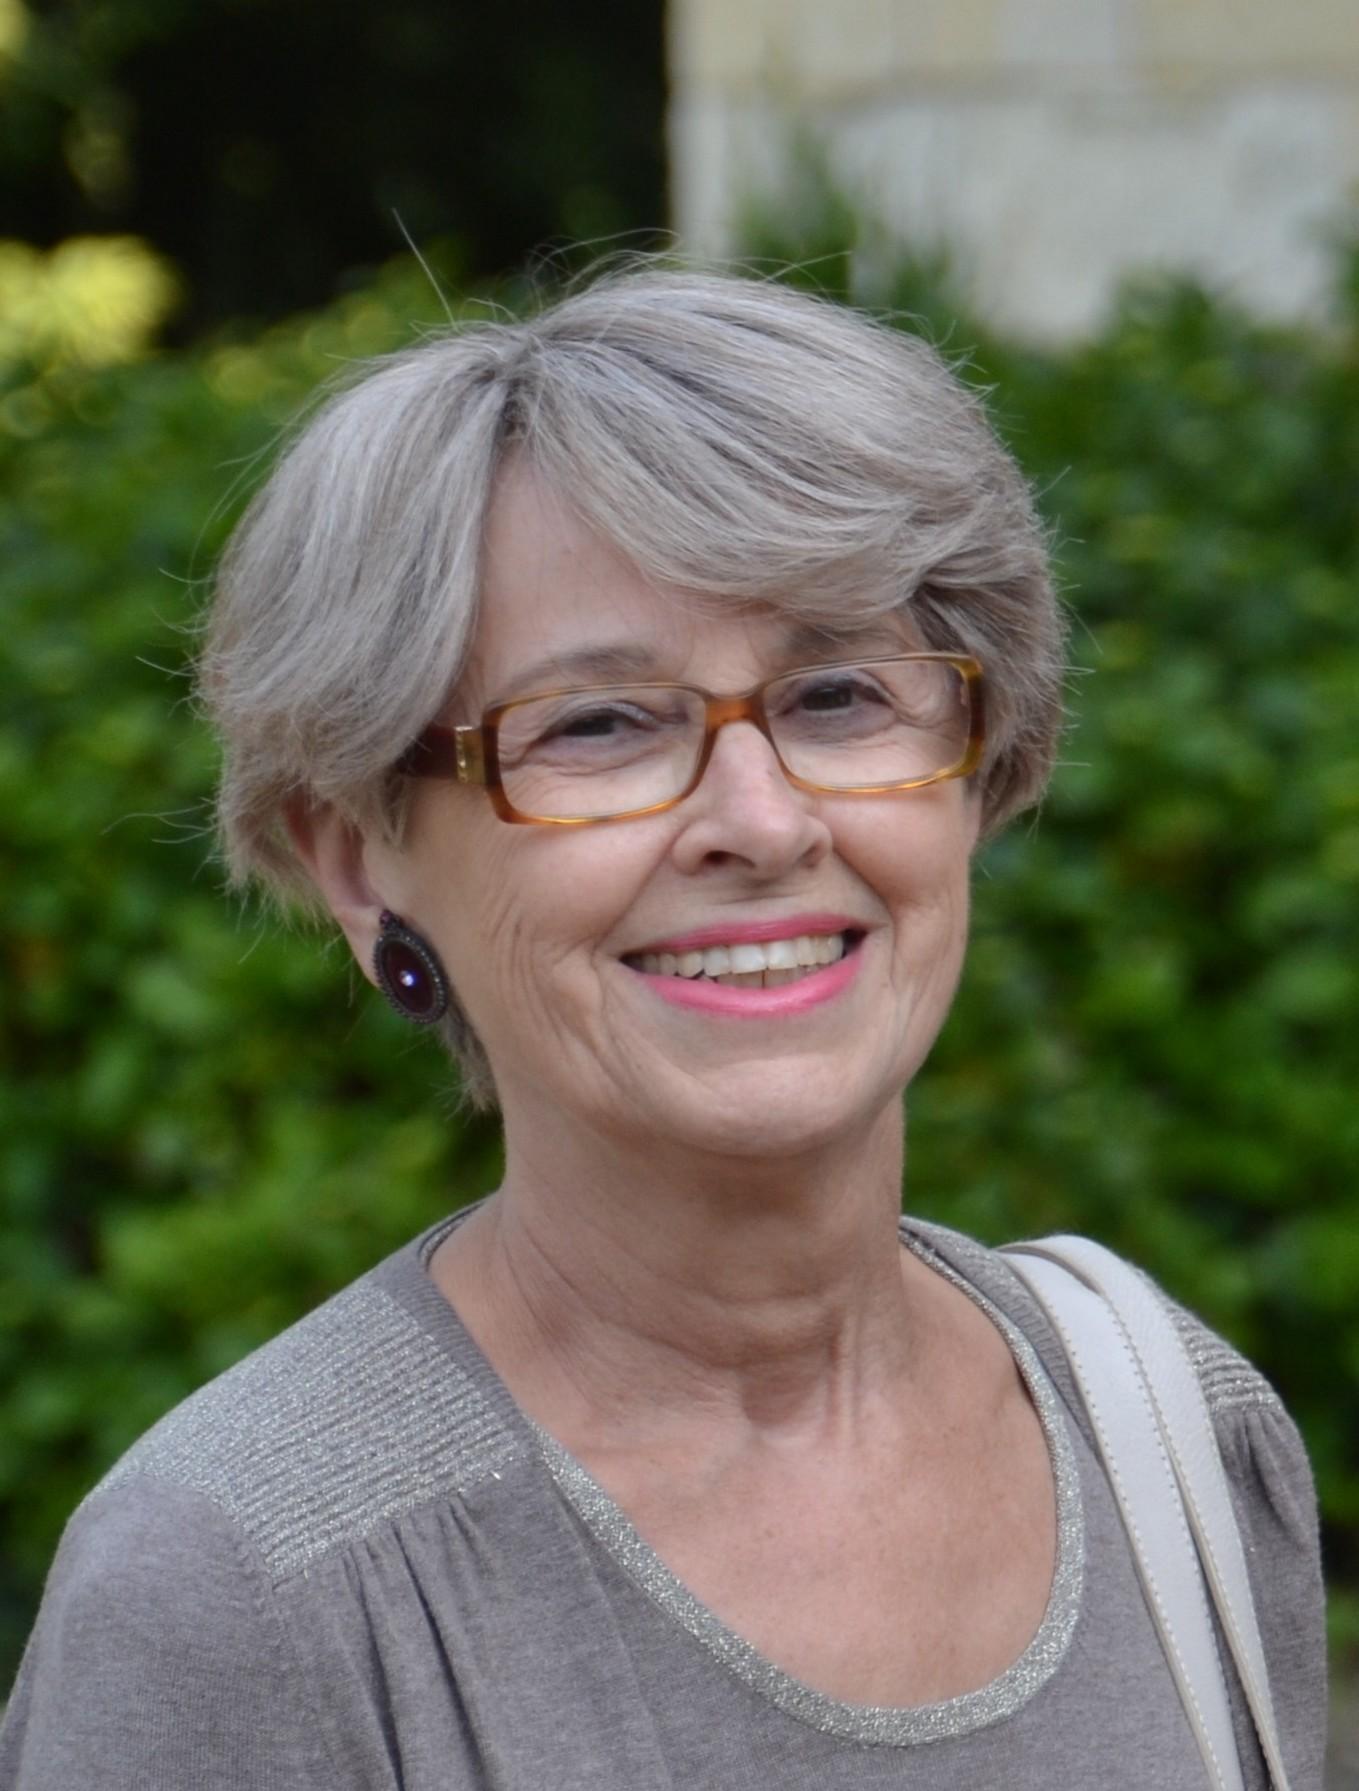 Anne-Marie Pelletier, courtoisie de eglise.catholique.fr